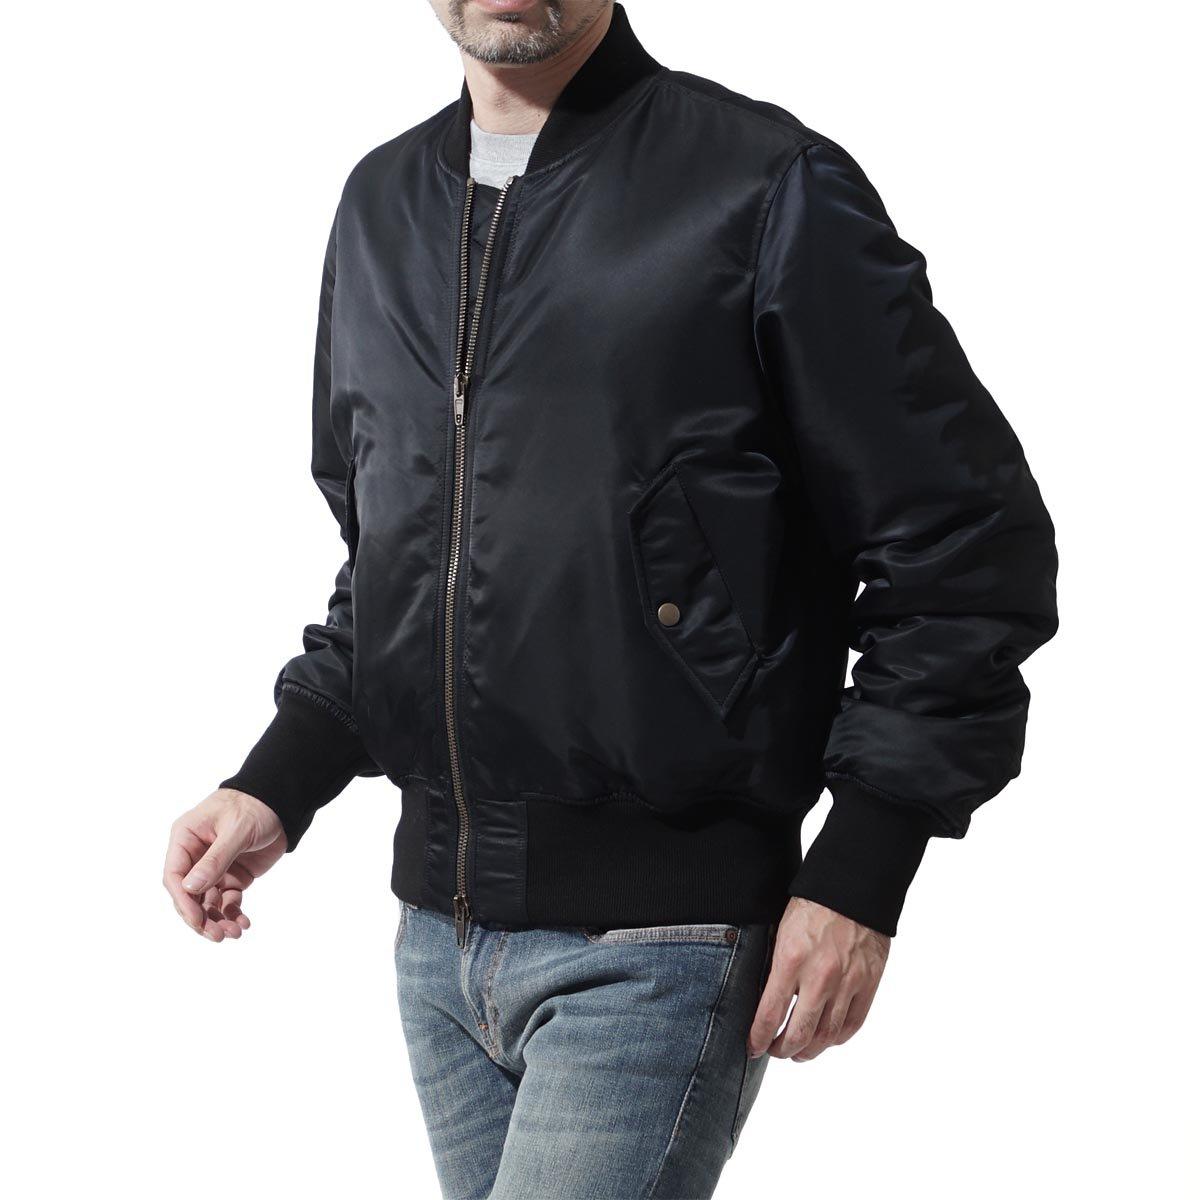 (バレンシアガ) BALENCIAGA 中綿入り ボンバージャケット [並行輸入品] B077XB7G1S 44|ブラック ブラック 44